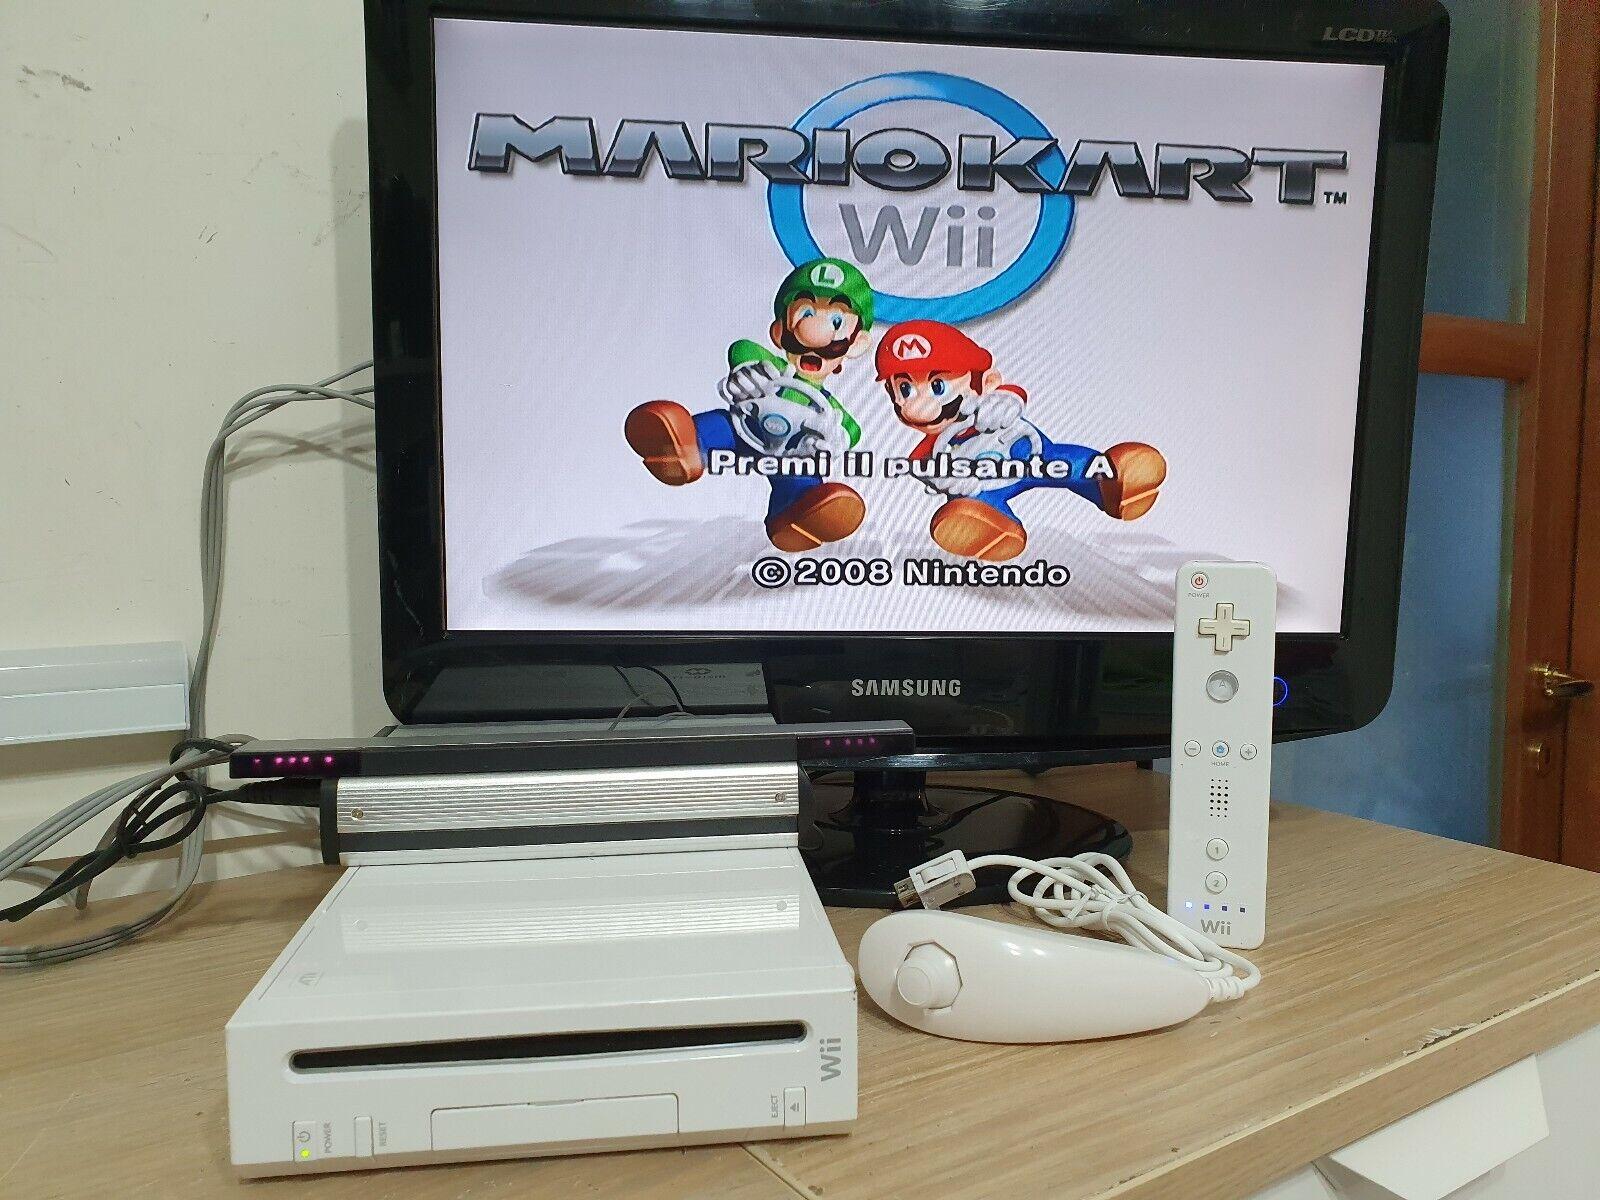 videogiochi e console: wii con giochi 140 titoli console completa con controller e nunchuk  mario kart